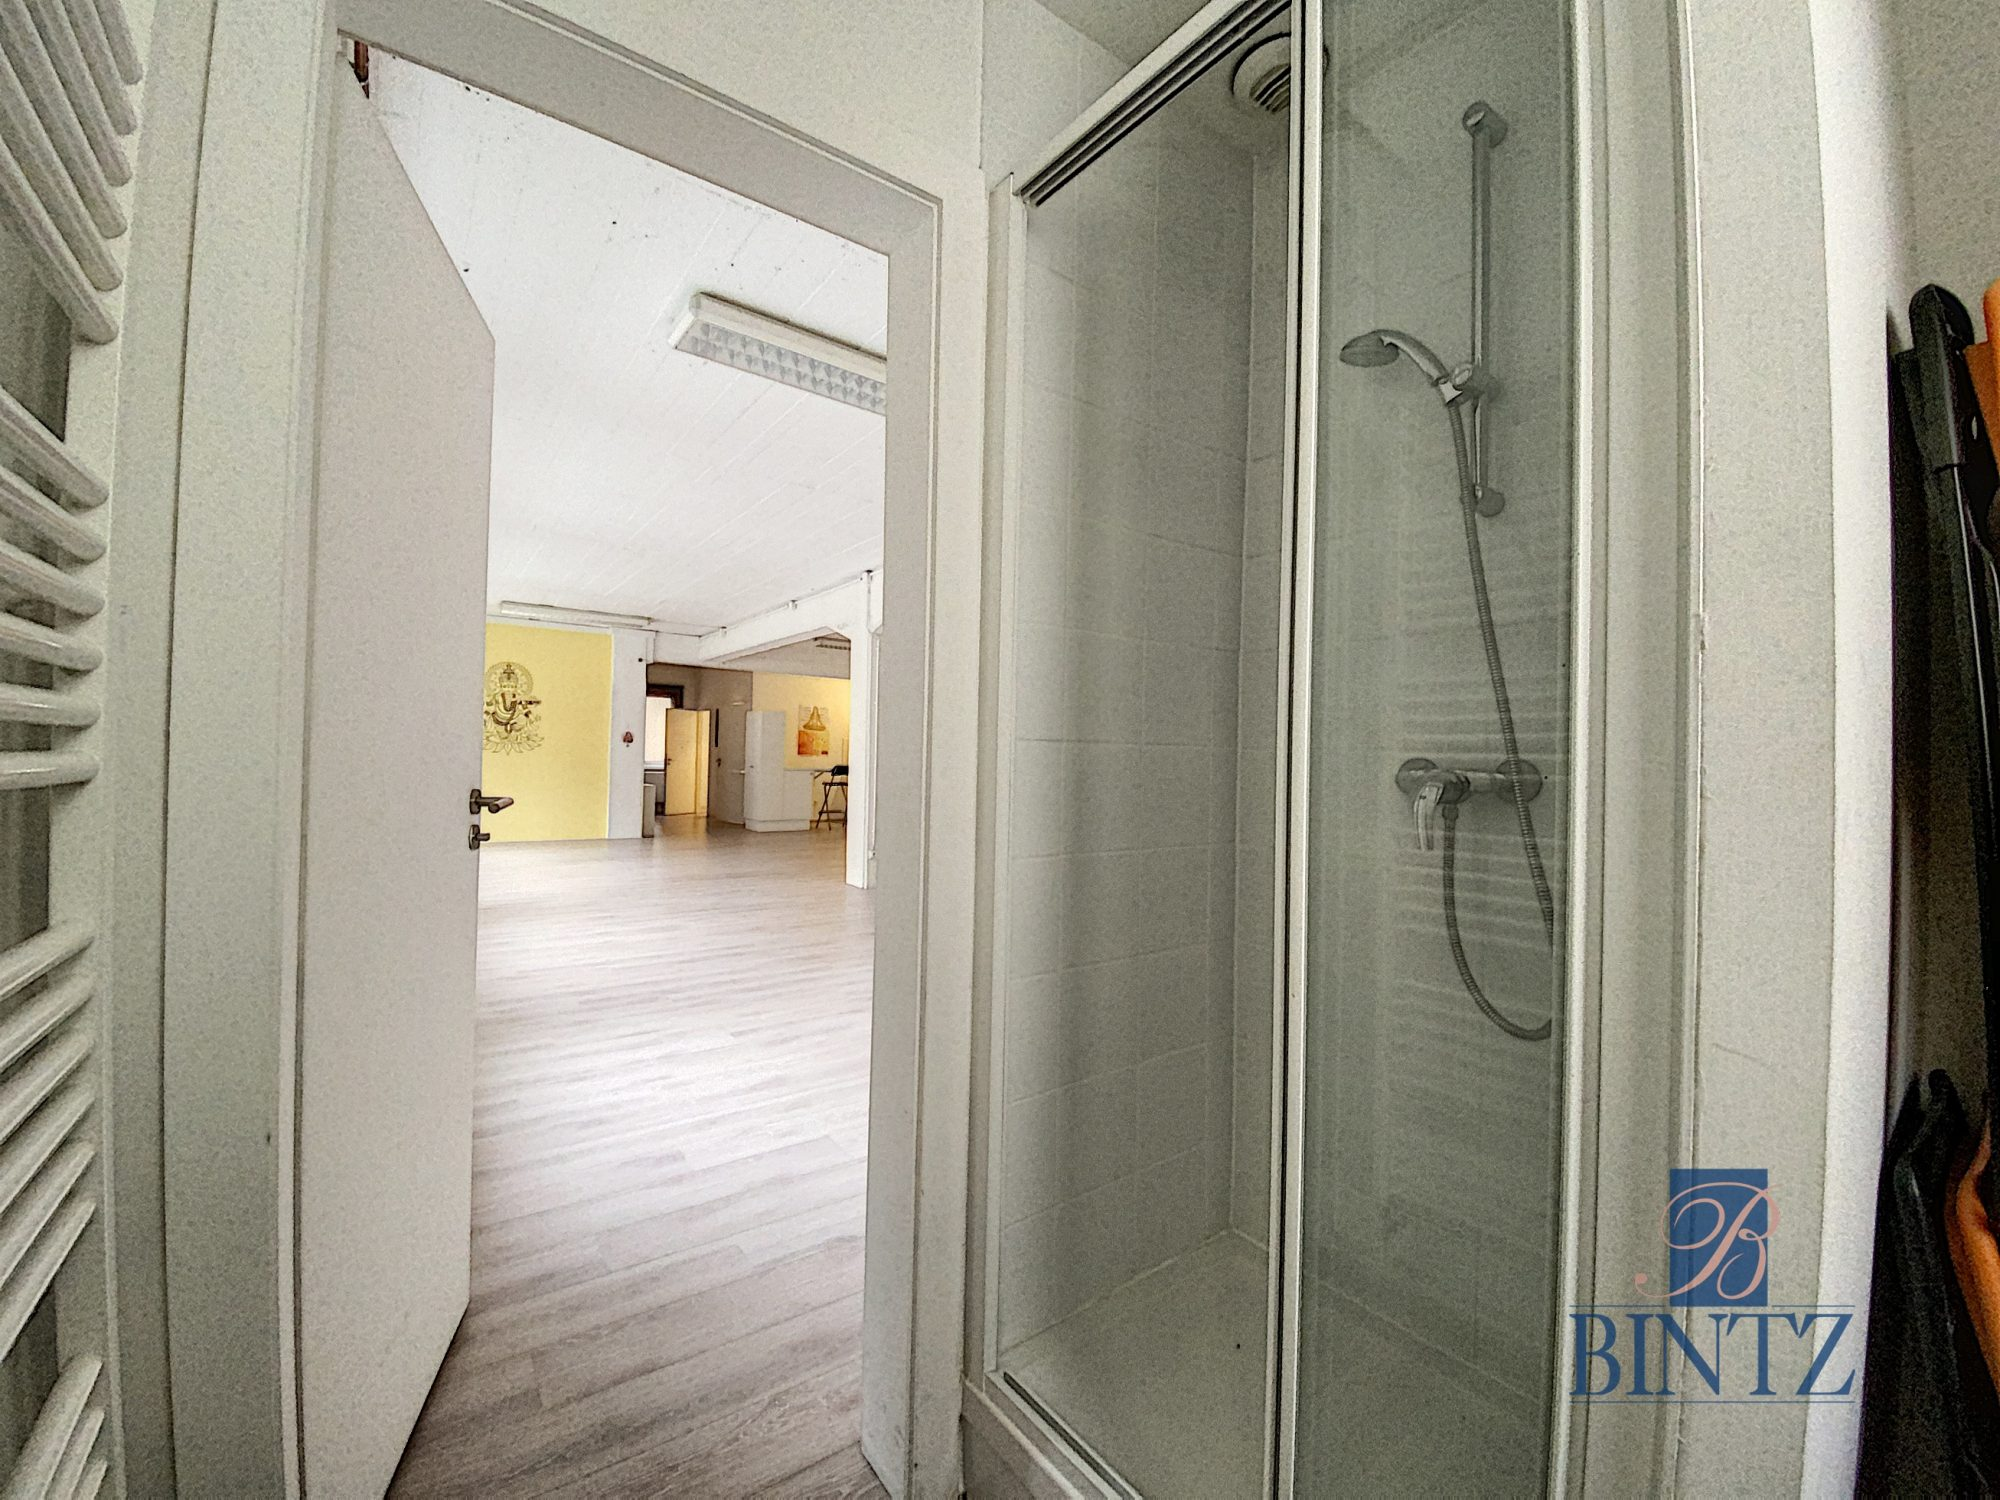 Plateau commercial à Louer Centre-ville - Devenez locataire en toute sérénité - Bintz Immobilier - 10